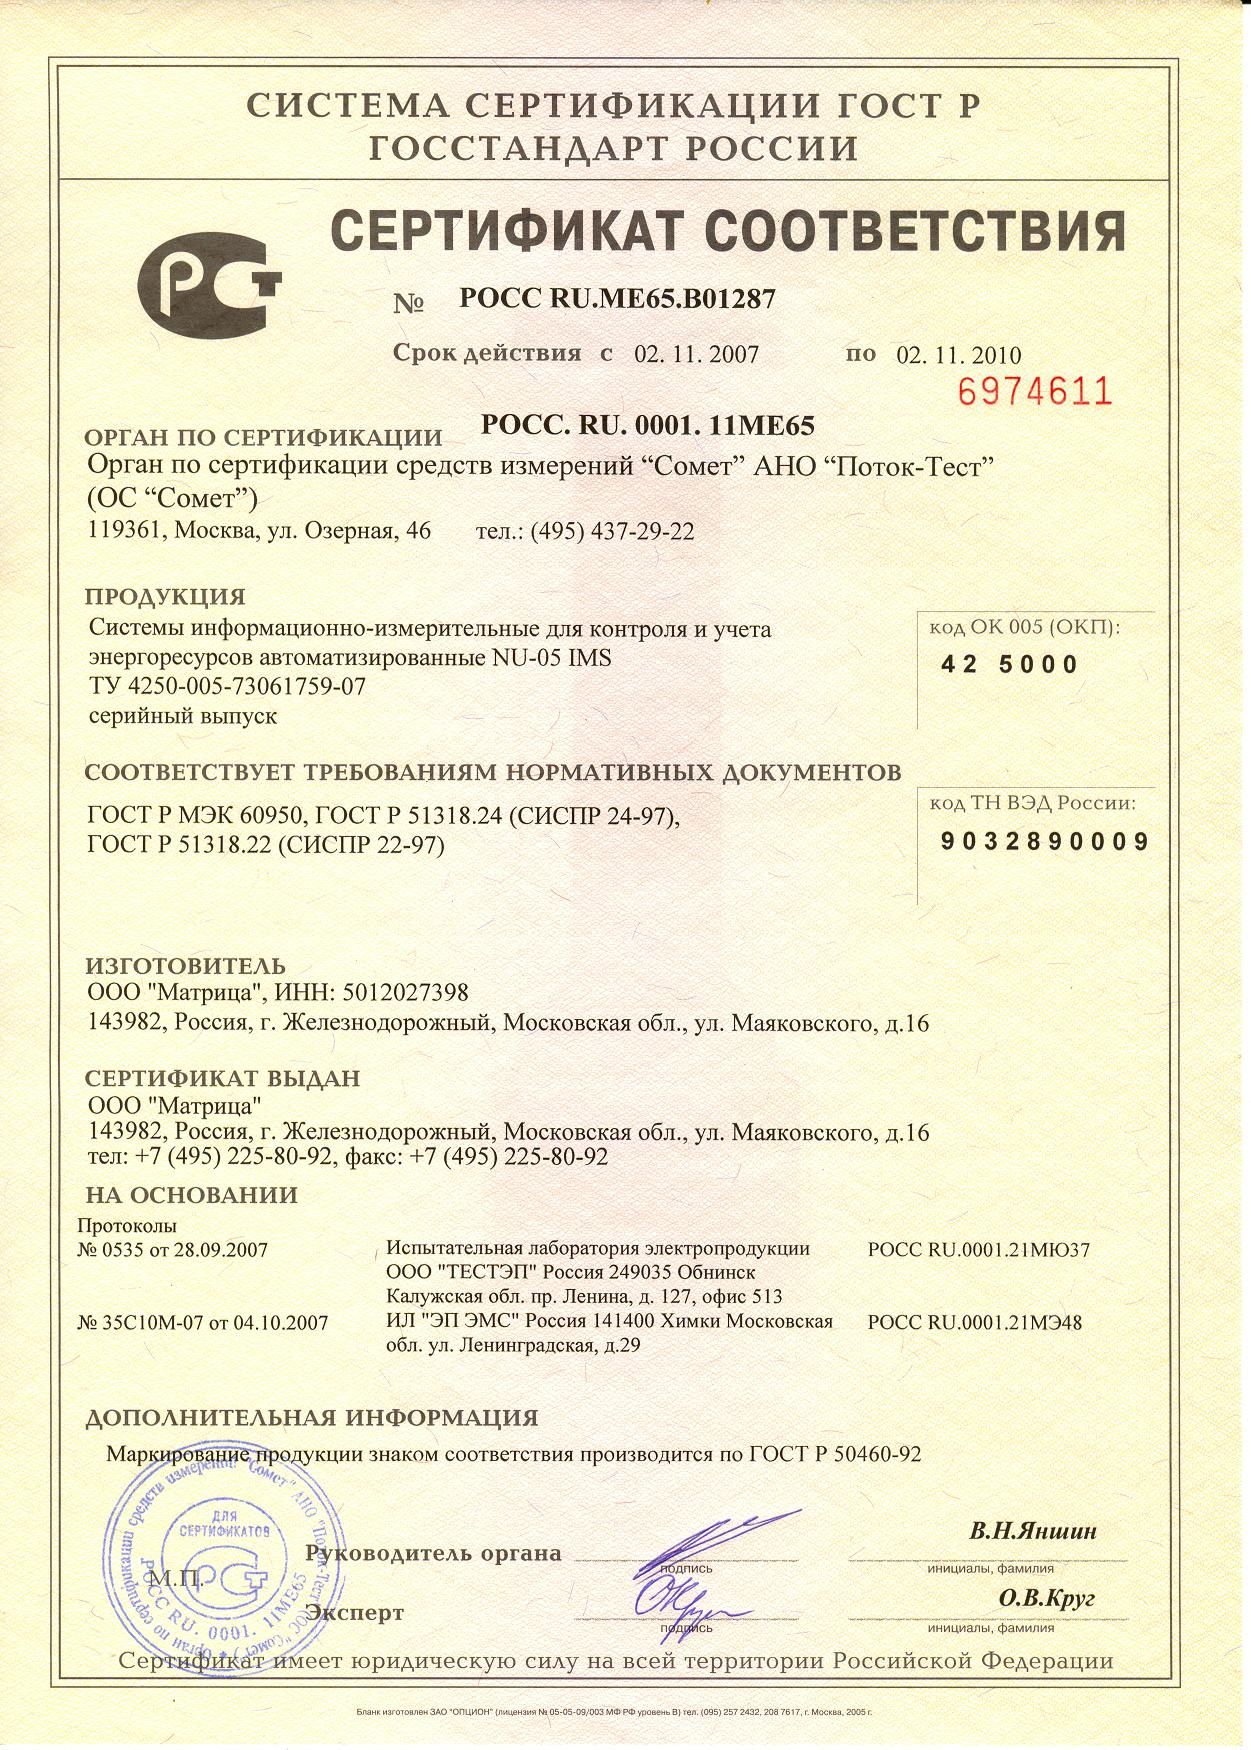 Сертификат соответствия Системы информационно-измерительные для контроля и учета энергоресурсов автоматизированные NU-05IMS